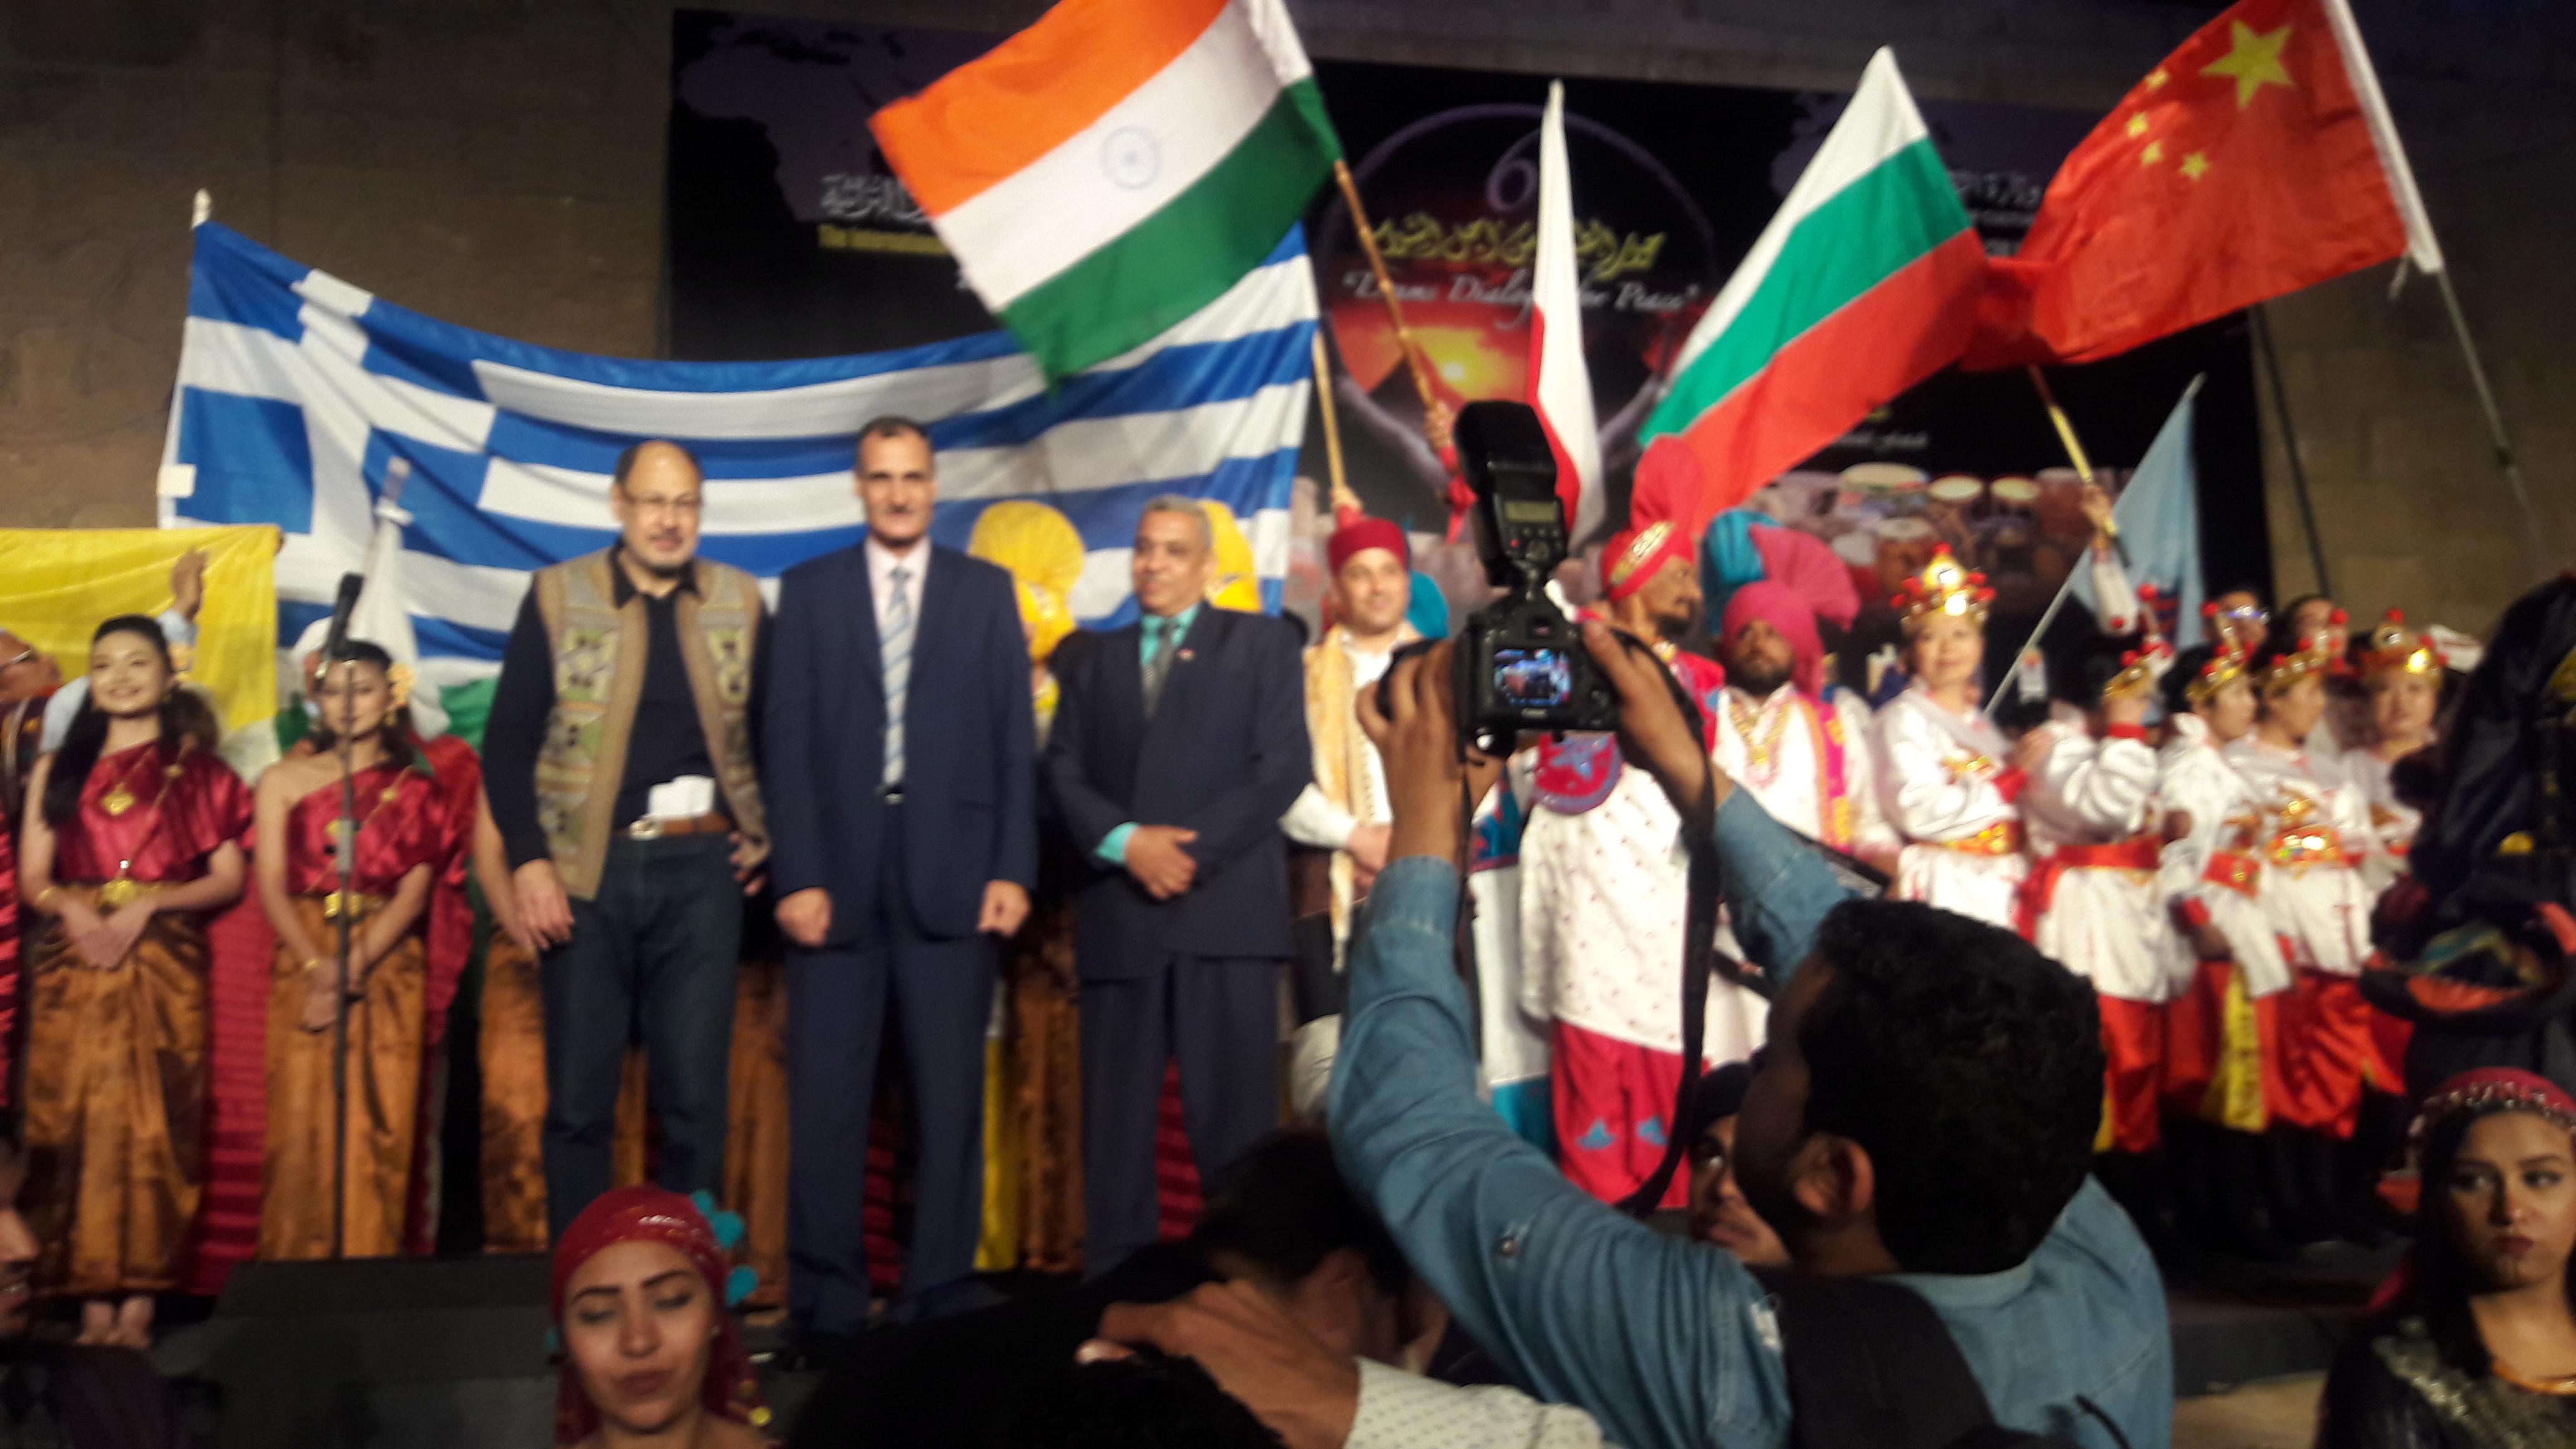 الهند تشارك في  الدورة السابعة للمهرجان الدولي للطبول والفنون التراثية